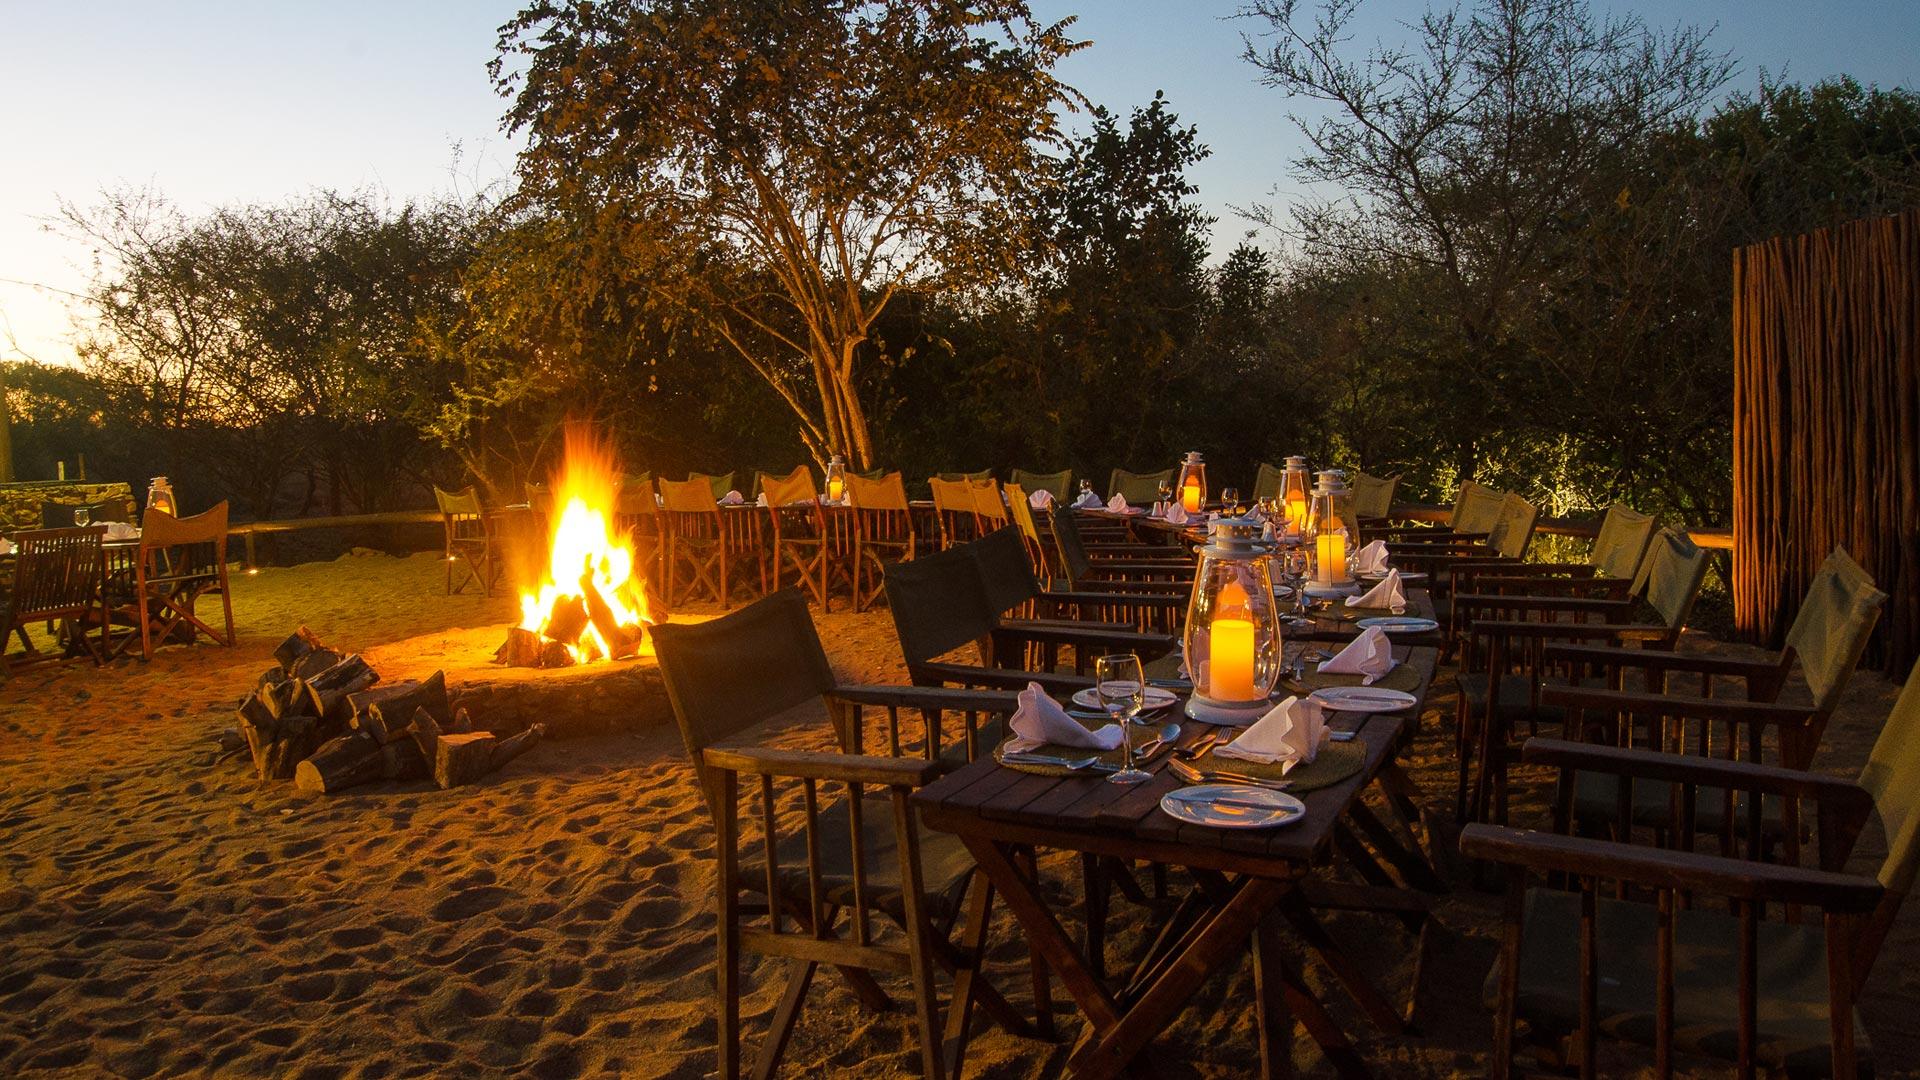 Shishangeni Kruger National Park